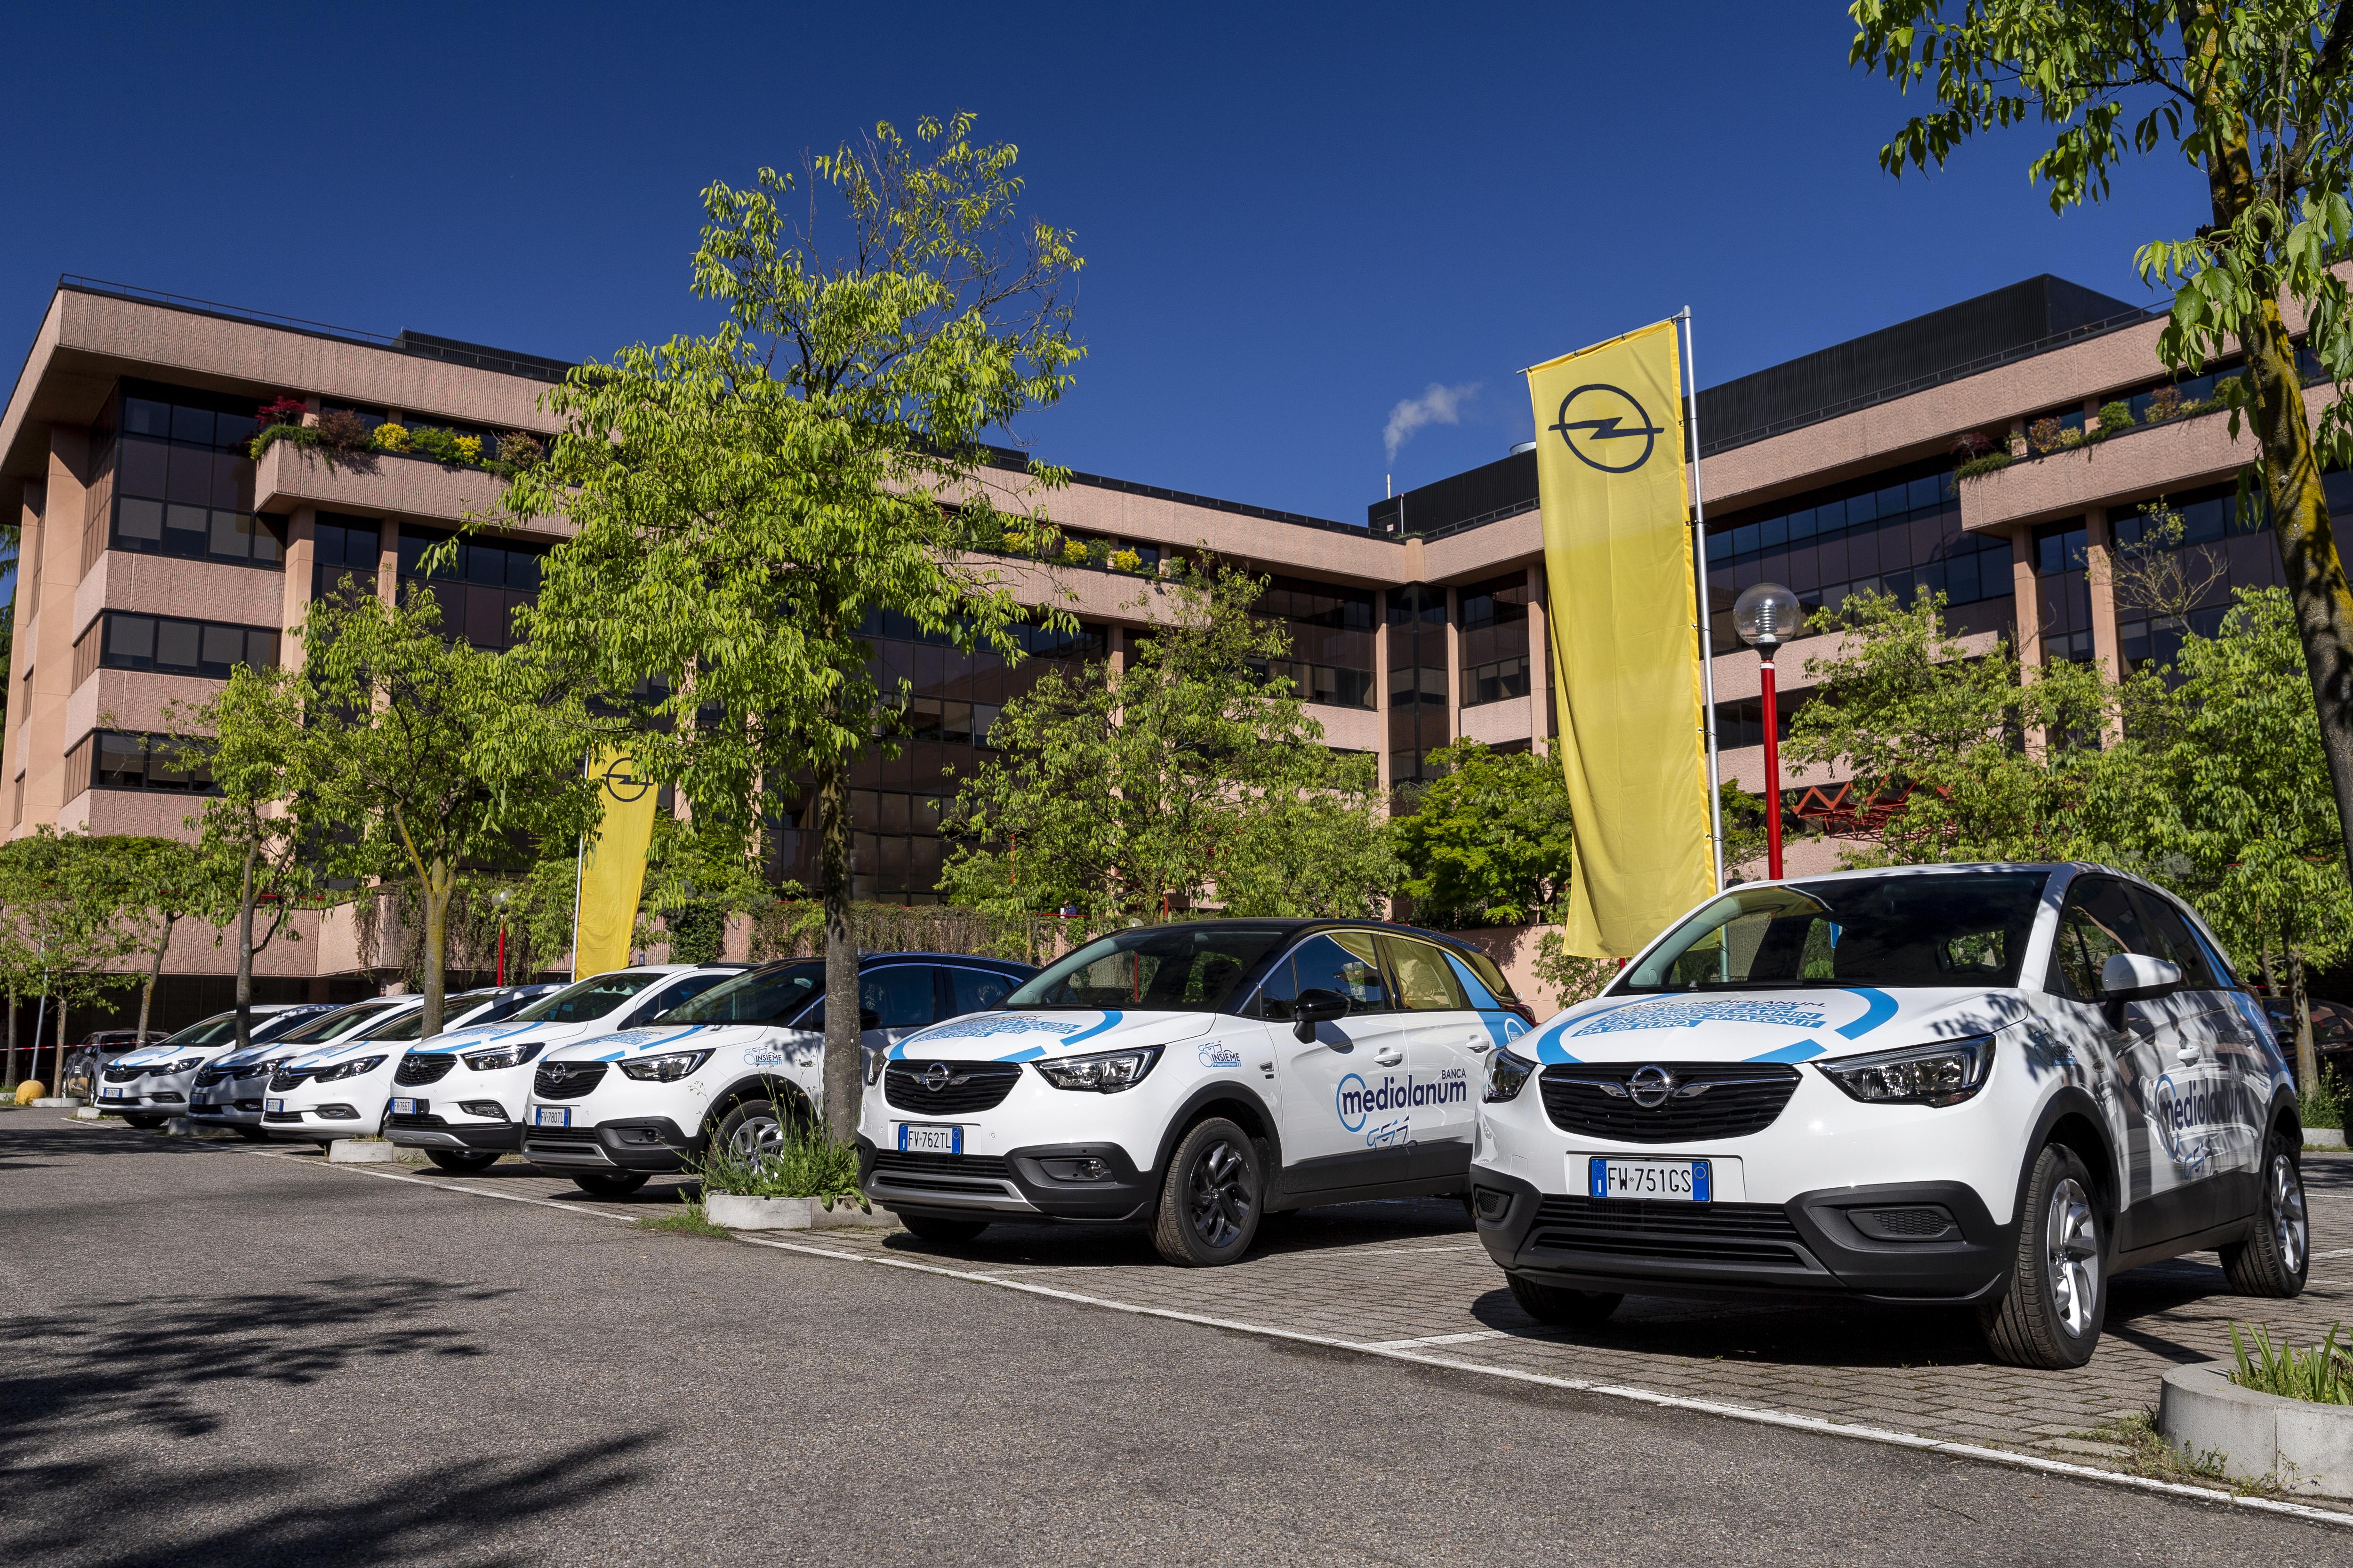 Opel - Banca Mediolanum